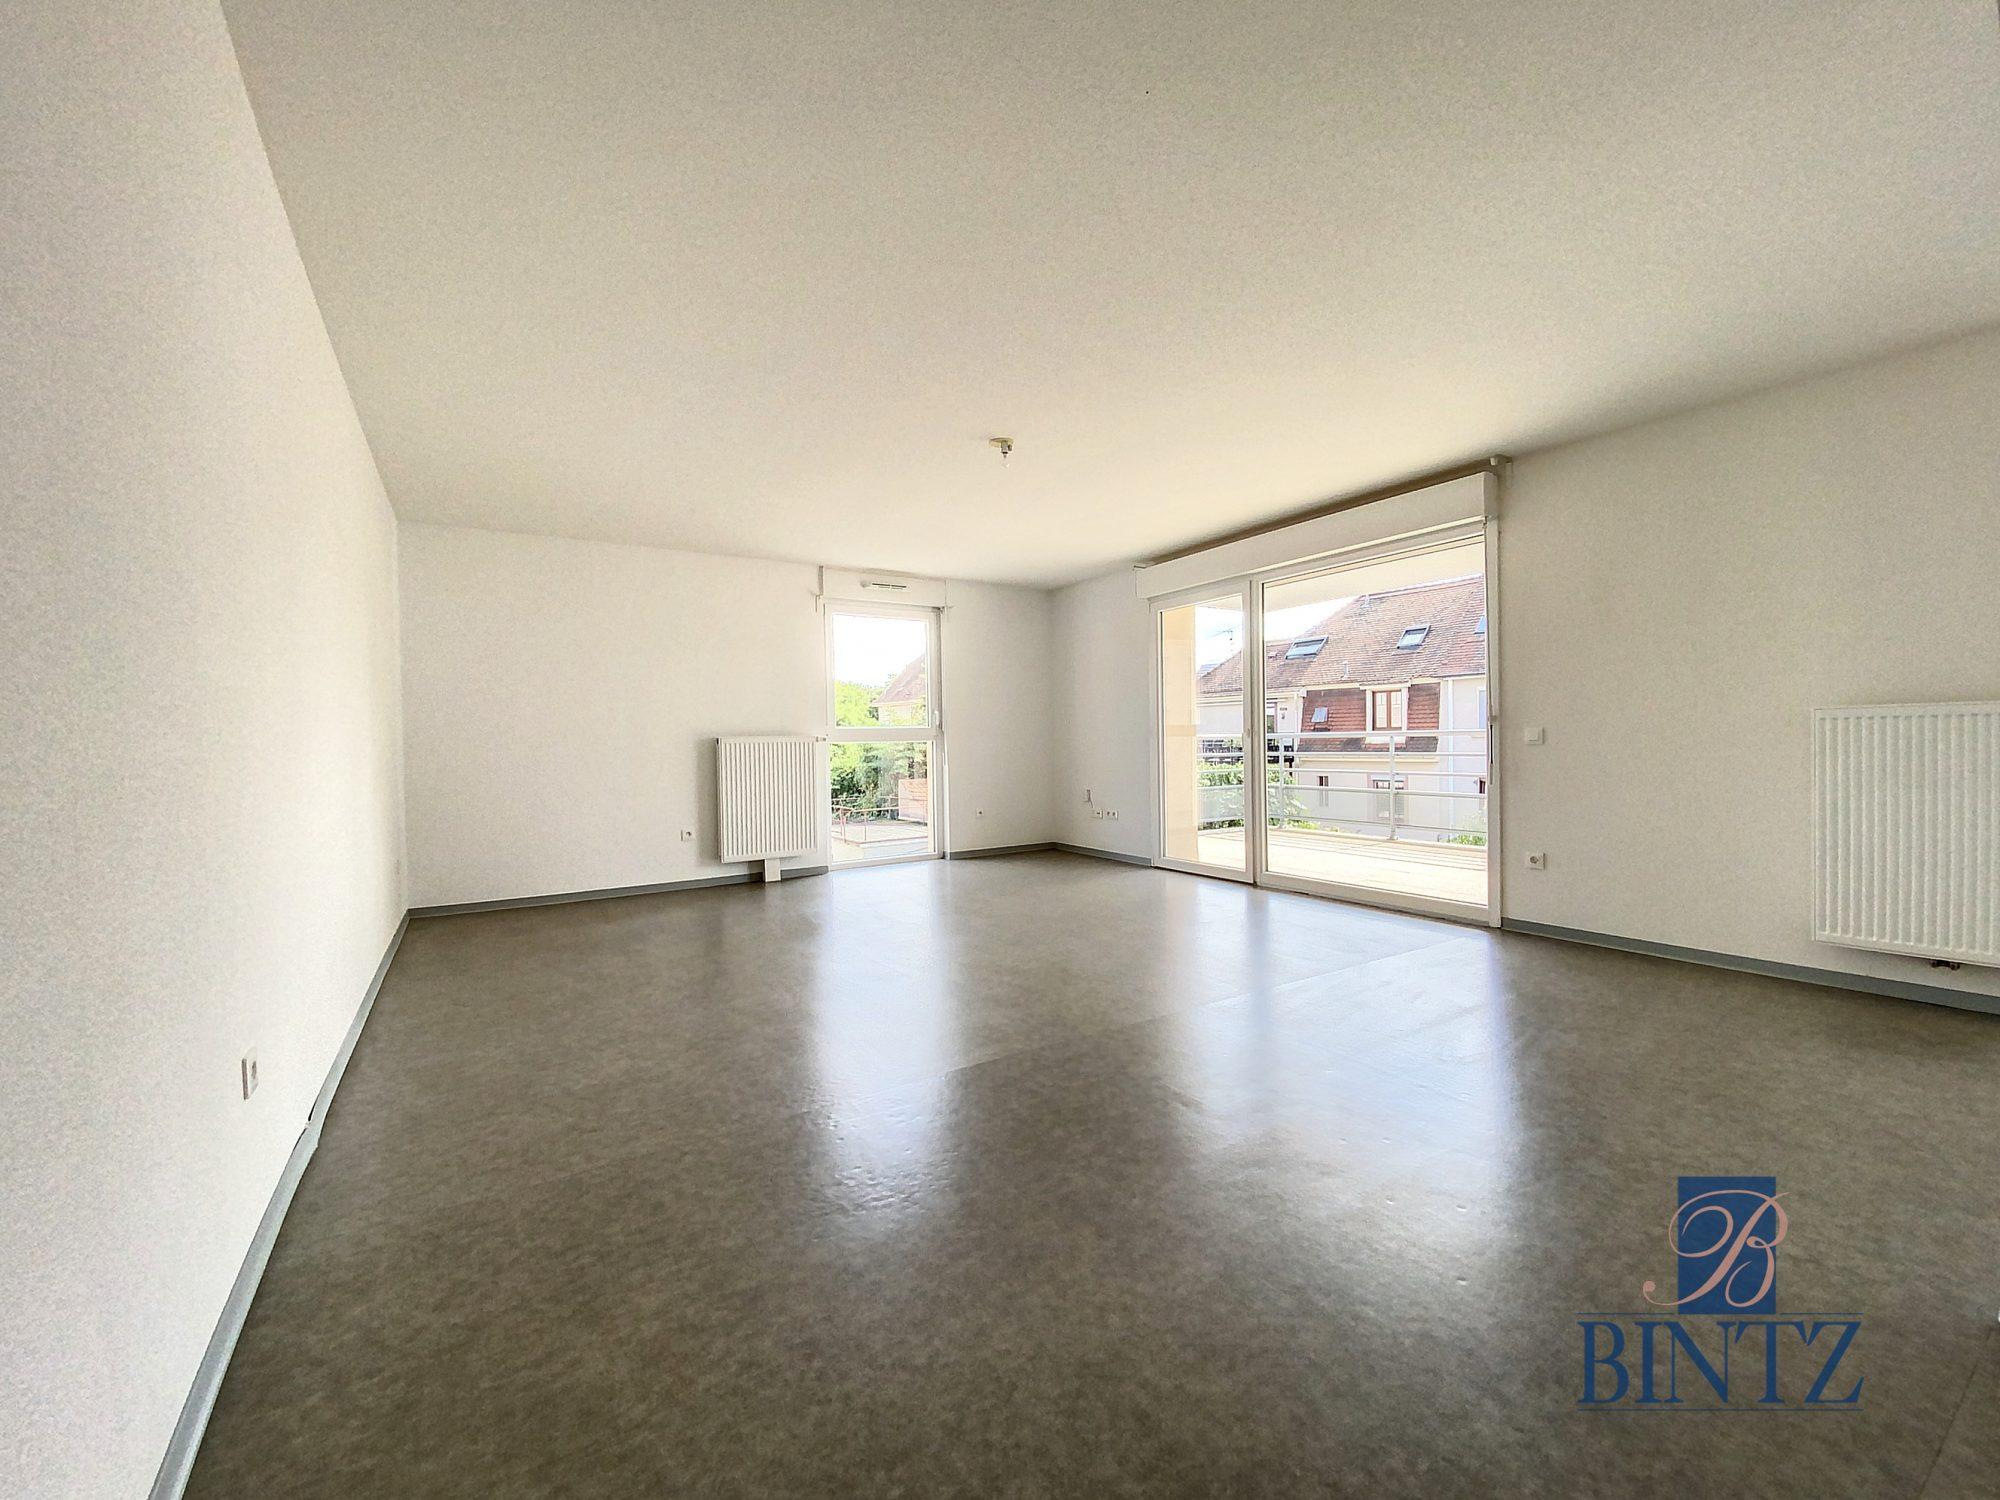 3 PIECES NEUF AVEC TERRASSE À SCHILTIGHEIM - Devenez propriétaire en toute confiance - Bintz Immobilier - 2